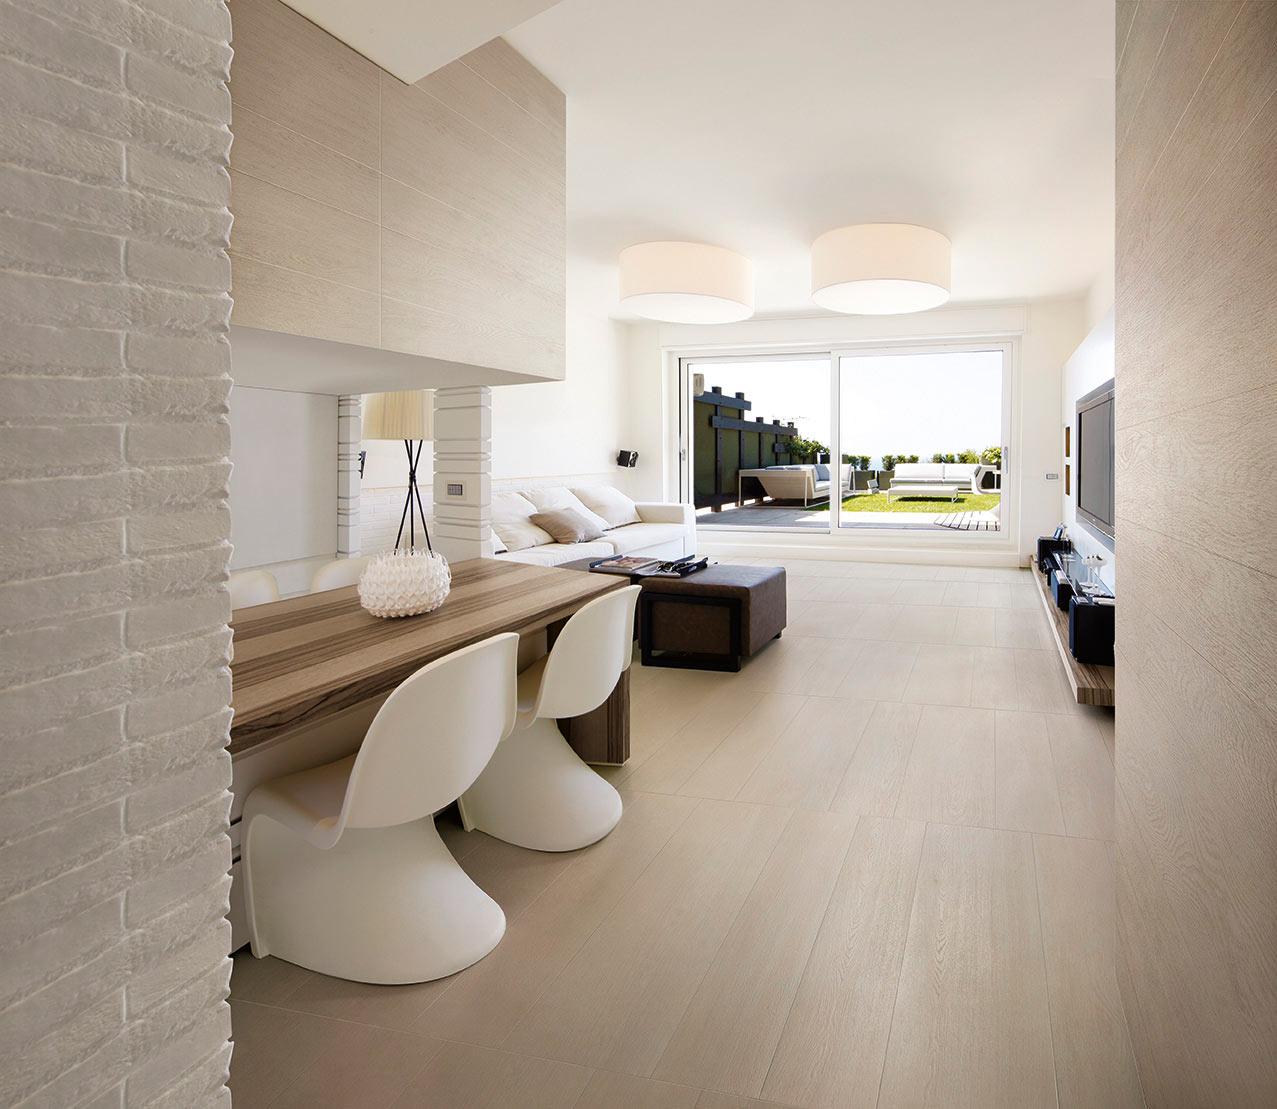 piastrelle moderne per interni: piastrelle in pietra per bagno ... - Piastrelle Moderne Soggiorno